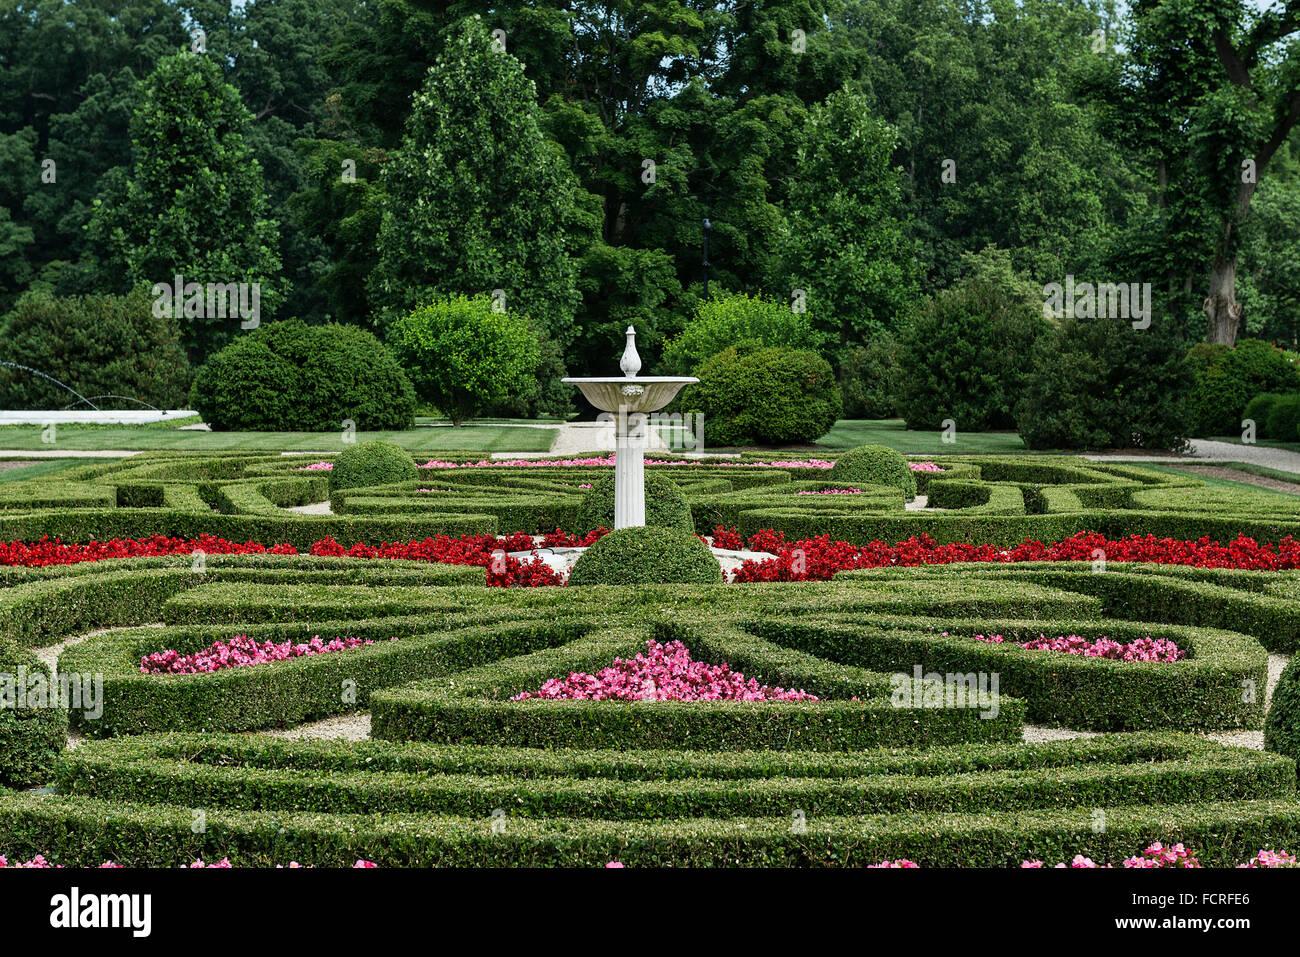 Jardín de boj, Nemours Mansion y jardines, Wilmington, Delaware, EE.UU. Imagen De Stock